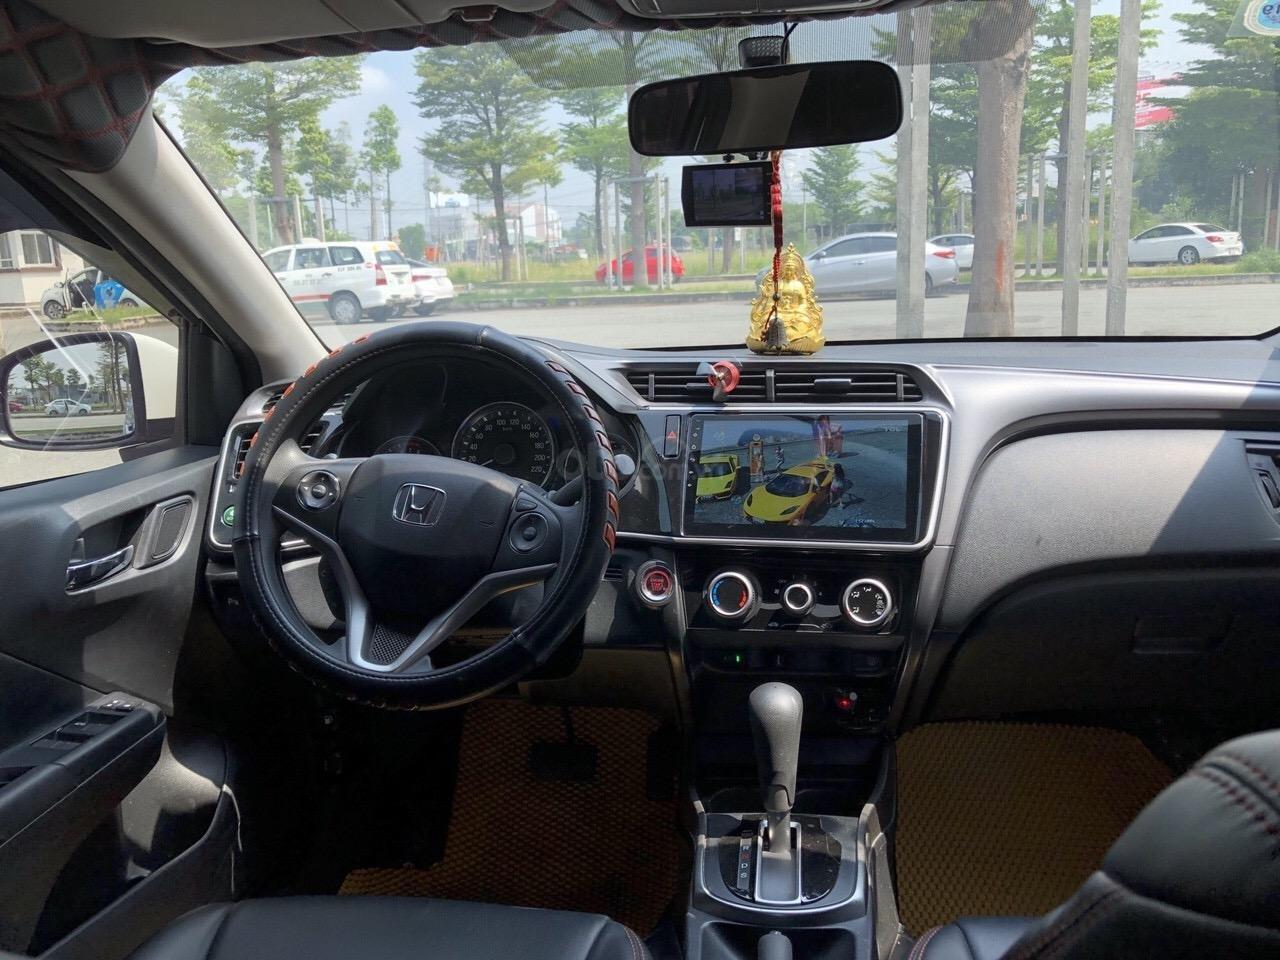 Bán Honda City 1.5CVT năm sản xuất 2018, xe full option giá 530 triệu (5)